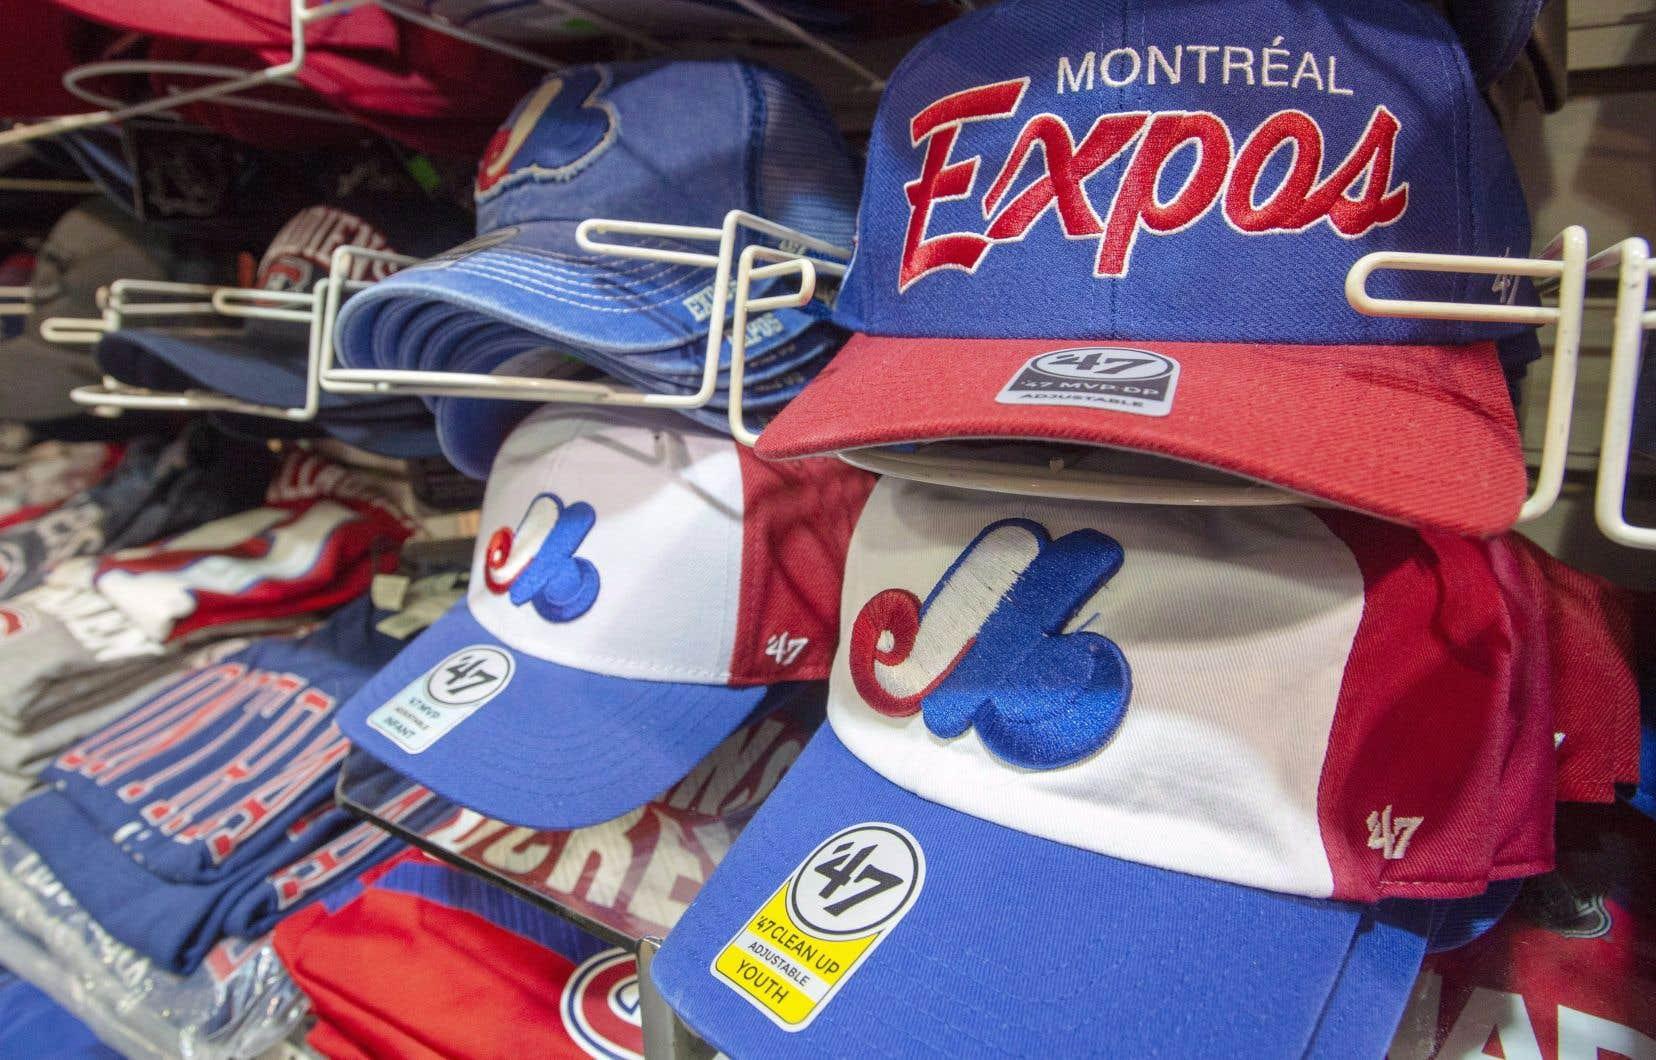 «La grande famille québécoise vit depuis plus de 50ans la saga des Expos qui, même s'ils nous ont quittés depuis l'époque de Selig, continuent toujours de faire couler beaucoup d'encre», précise l'auteur.